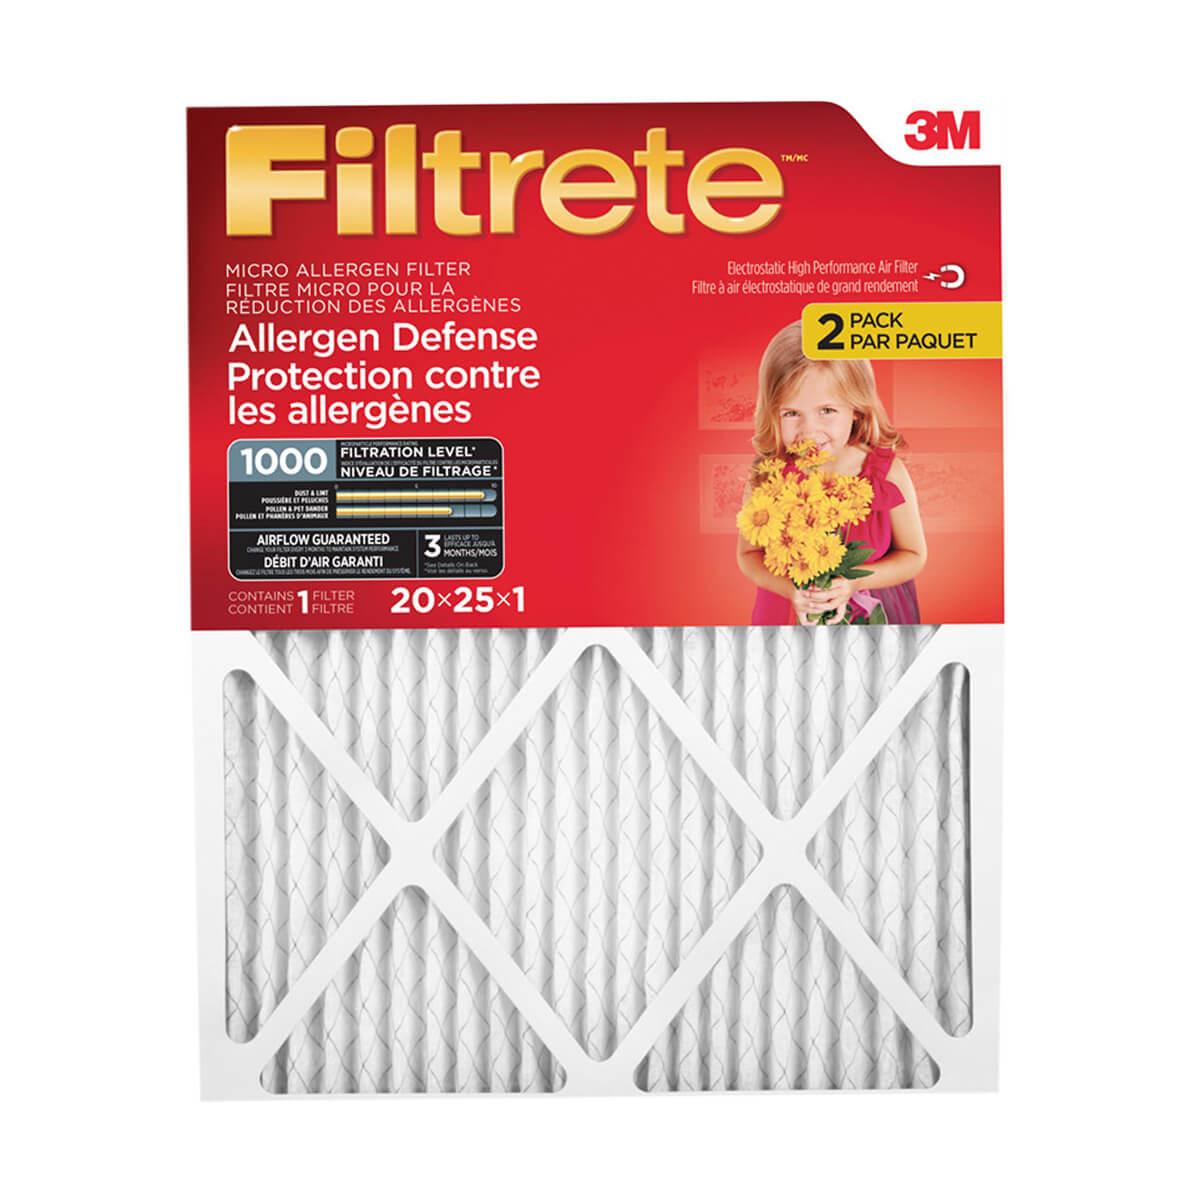 Filtrete Allergen Defense Micro Allergen Filter-  MPR 1000 - 2 Pack - 20-in x 25-in x 1-in